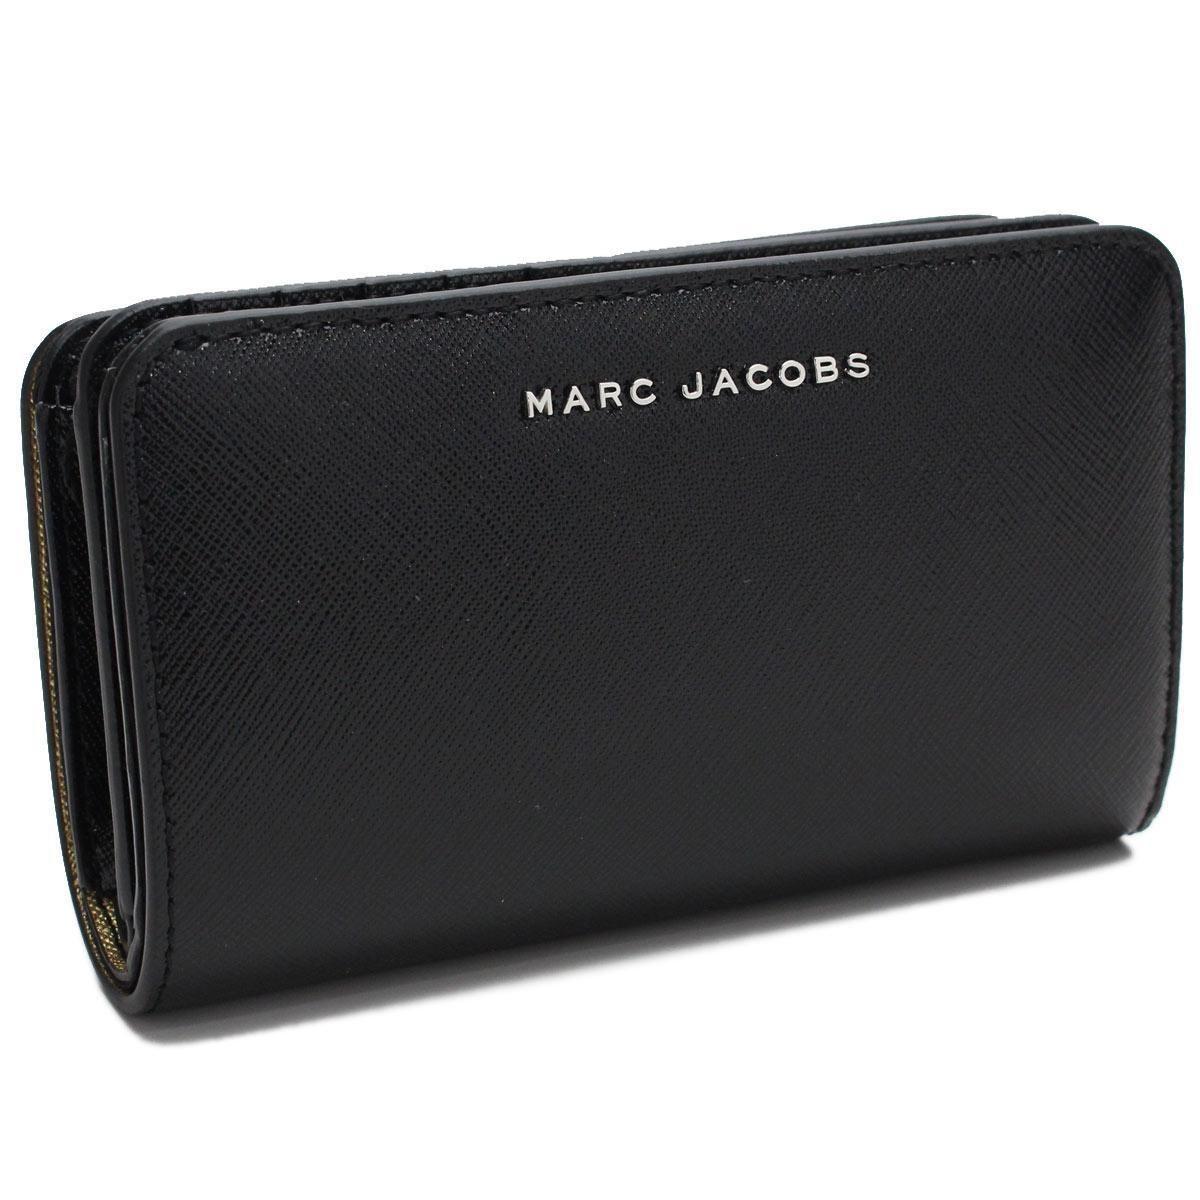 マーク・ジェイコブス (MARC JACOBS) 2つ折り財布 小銭入れ付き M0011137 001 BLACK ブラック